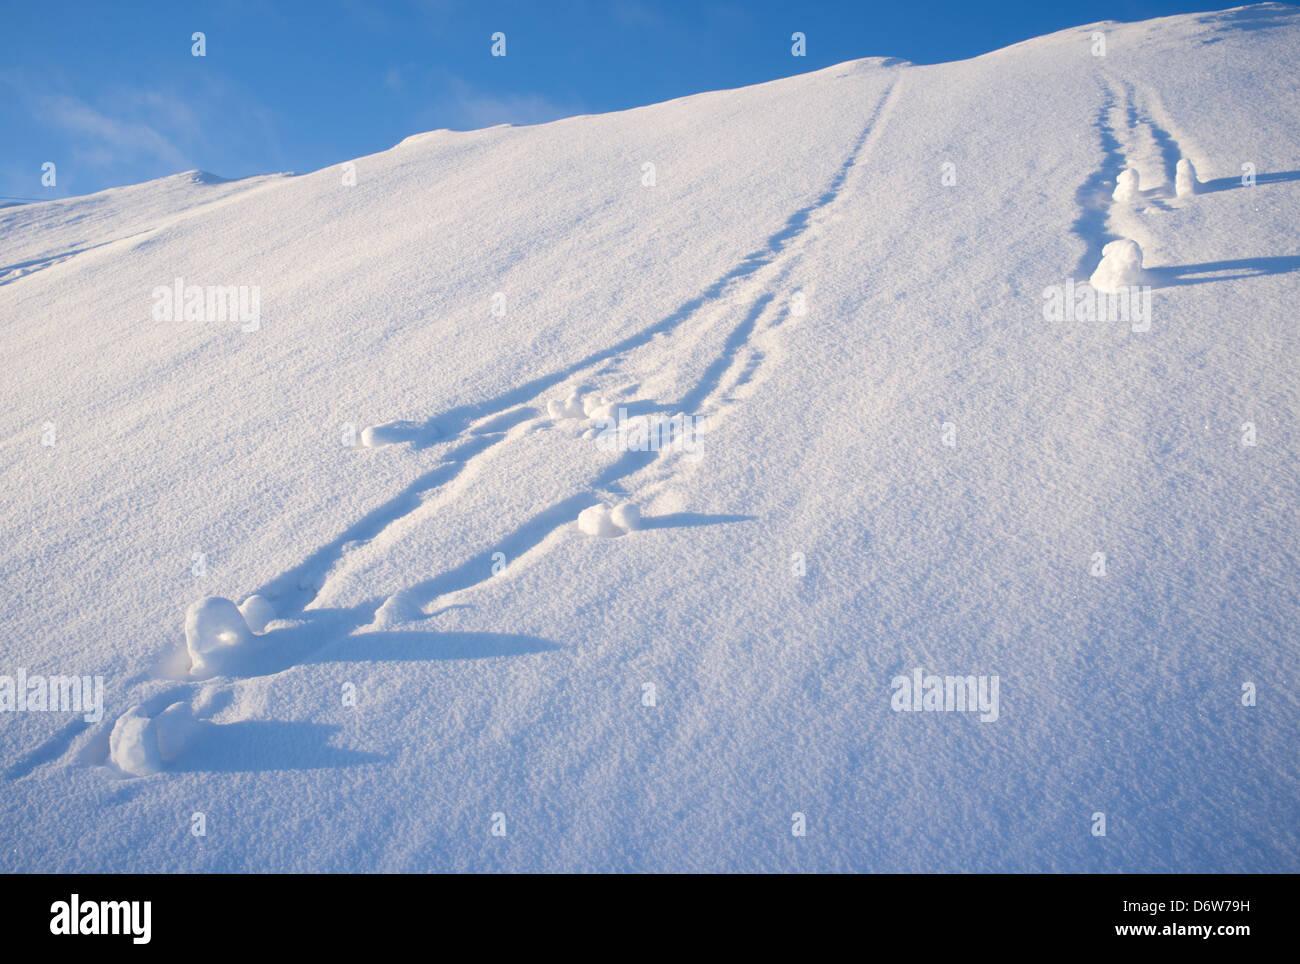 Schneebälle rollten am steilen Hügel, Finnland Stockbild